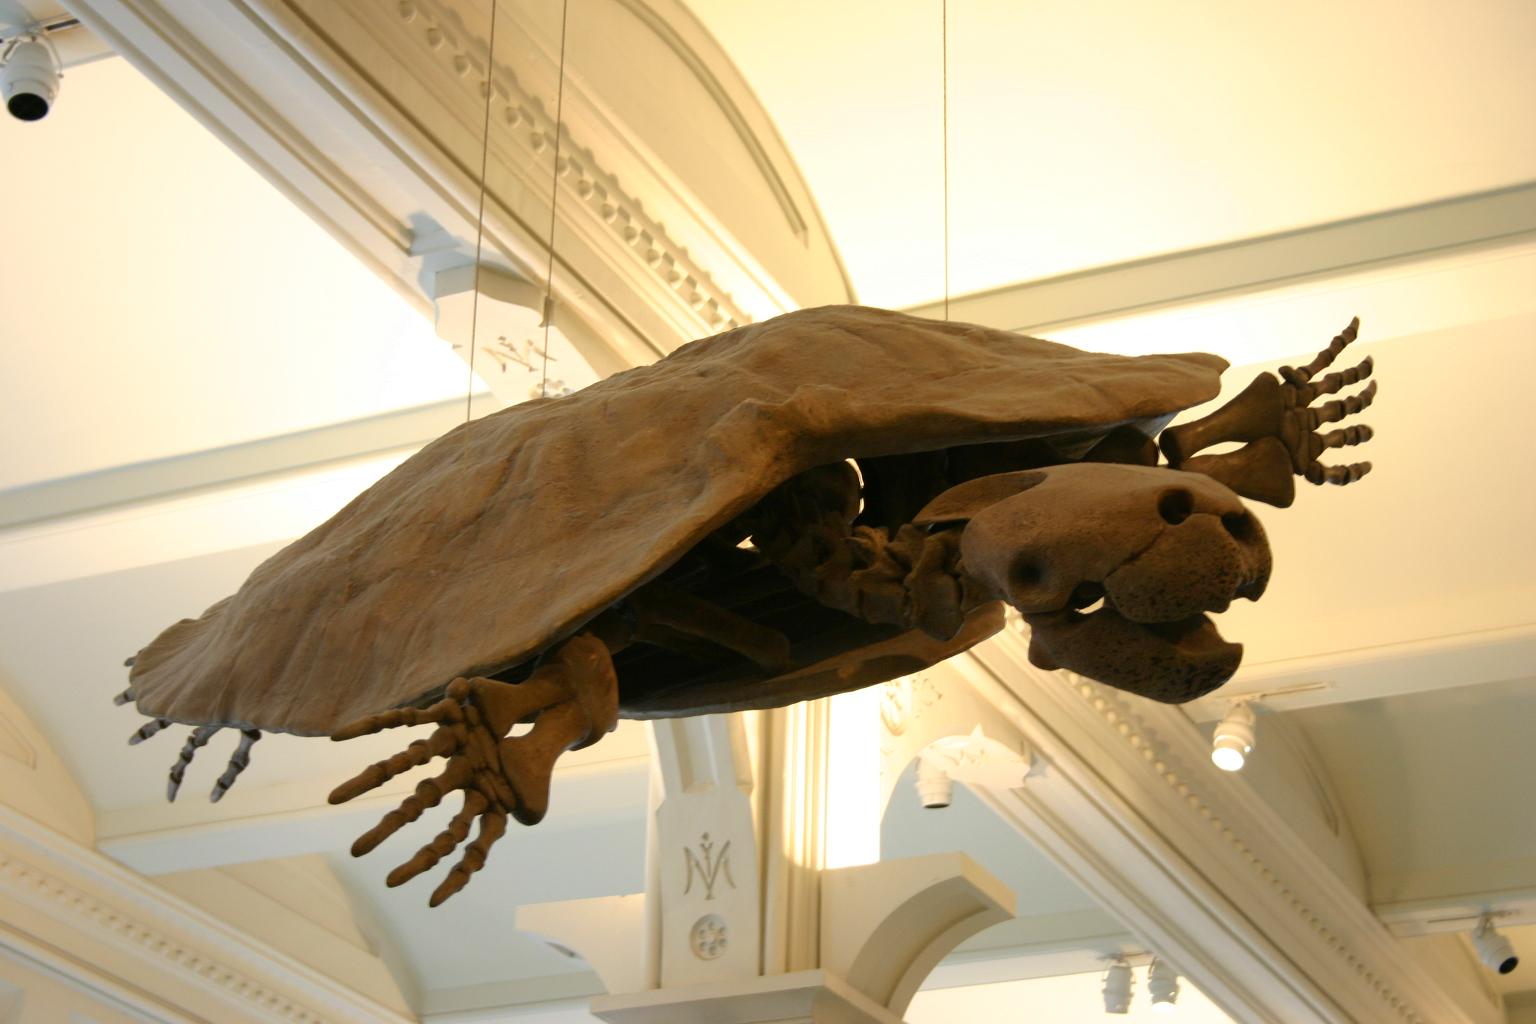 Skelettrekonstruktion von Stupendemys geographicus am AMNH